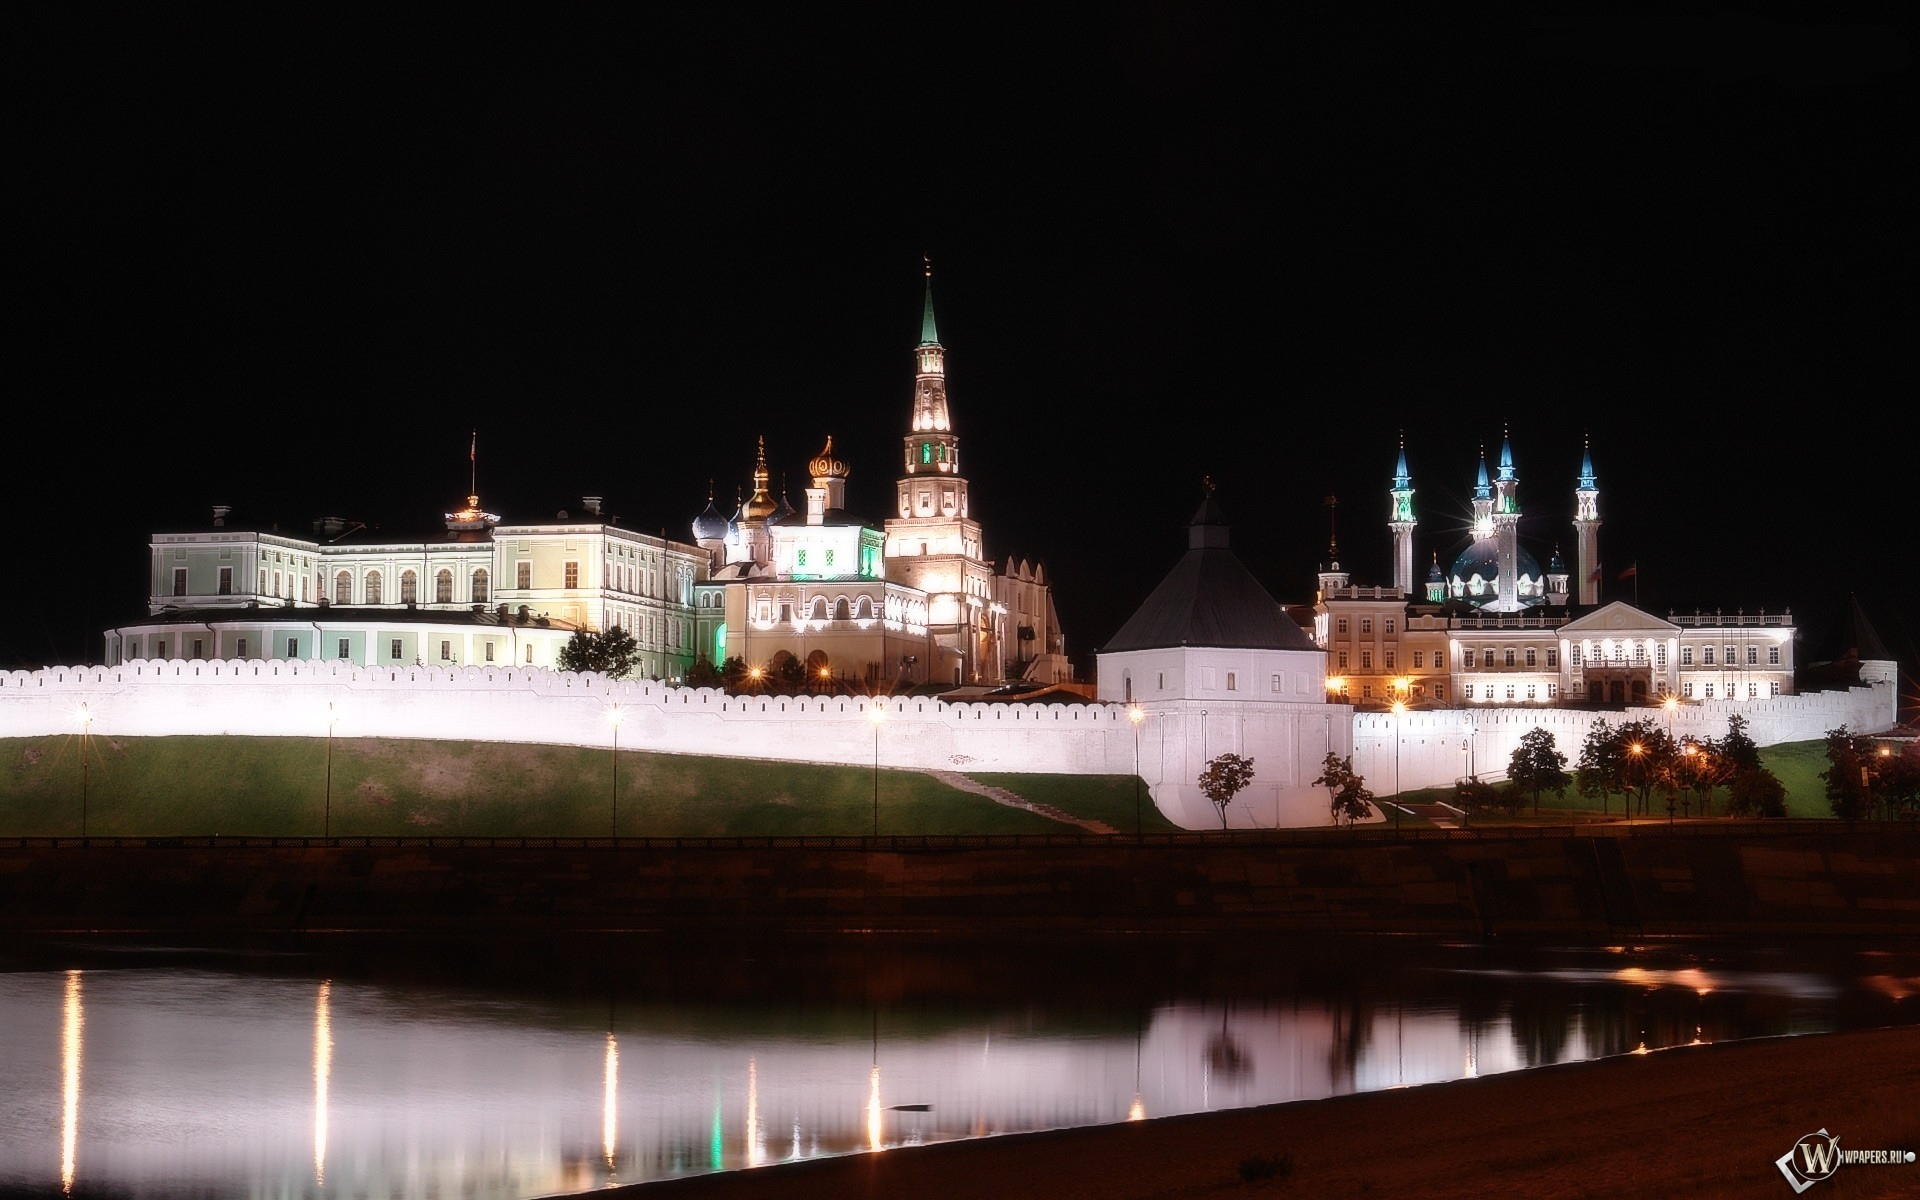 Вид на Казанский кремль через реку Казанка 1920x1200